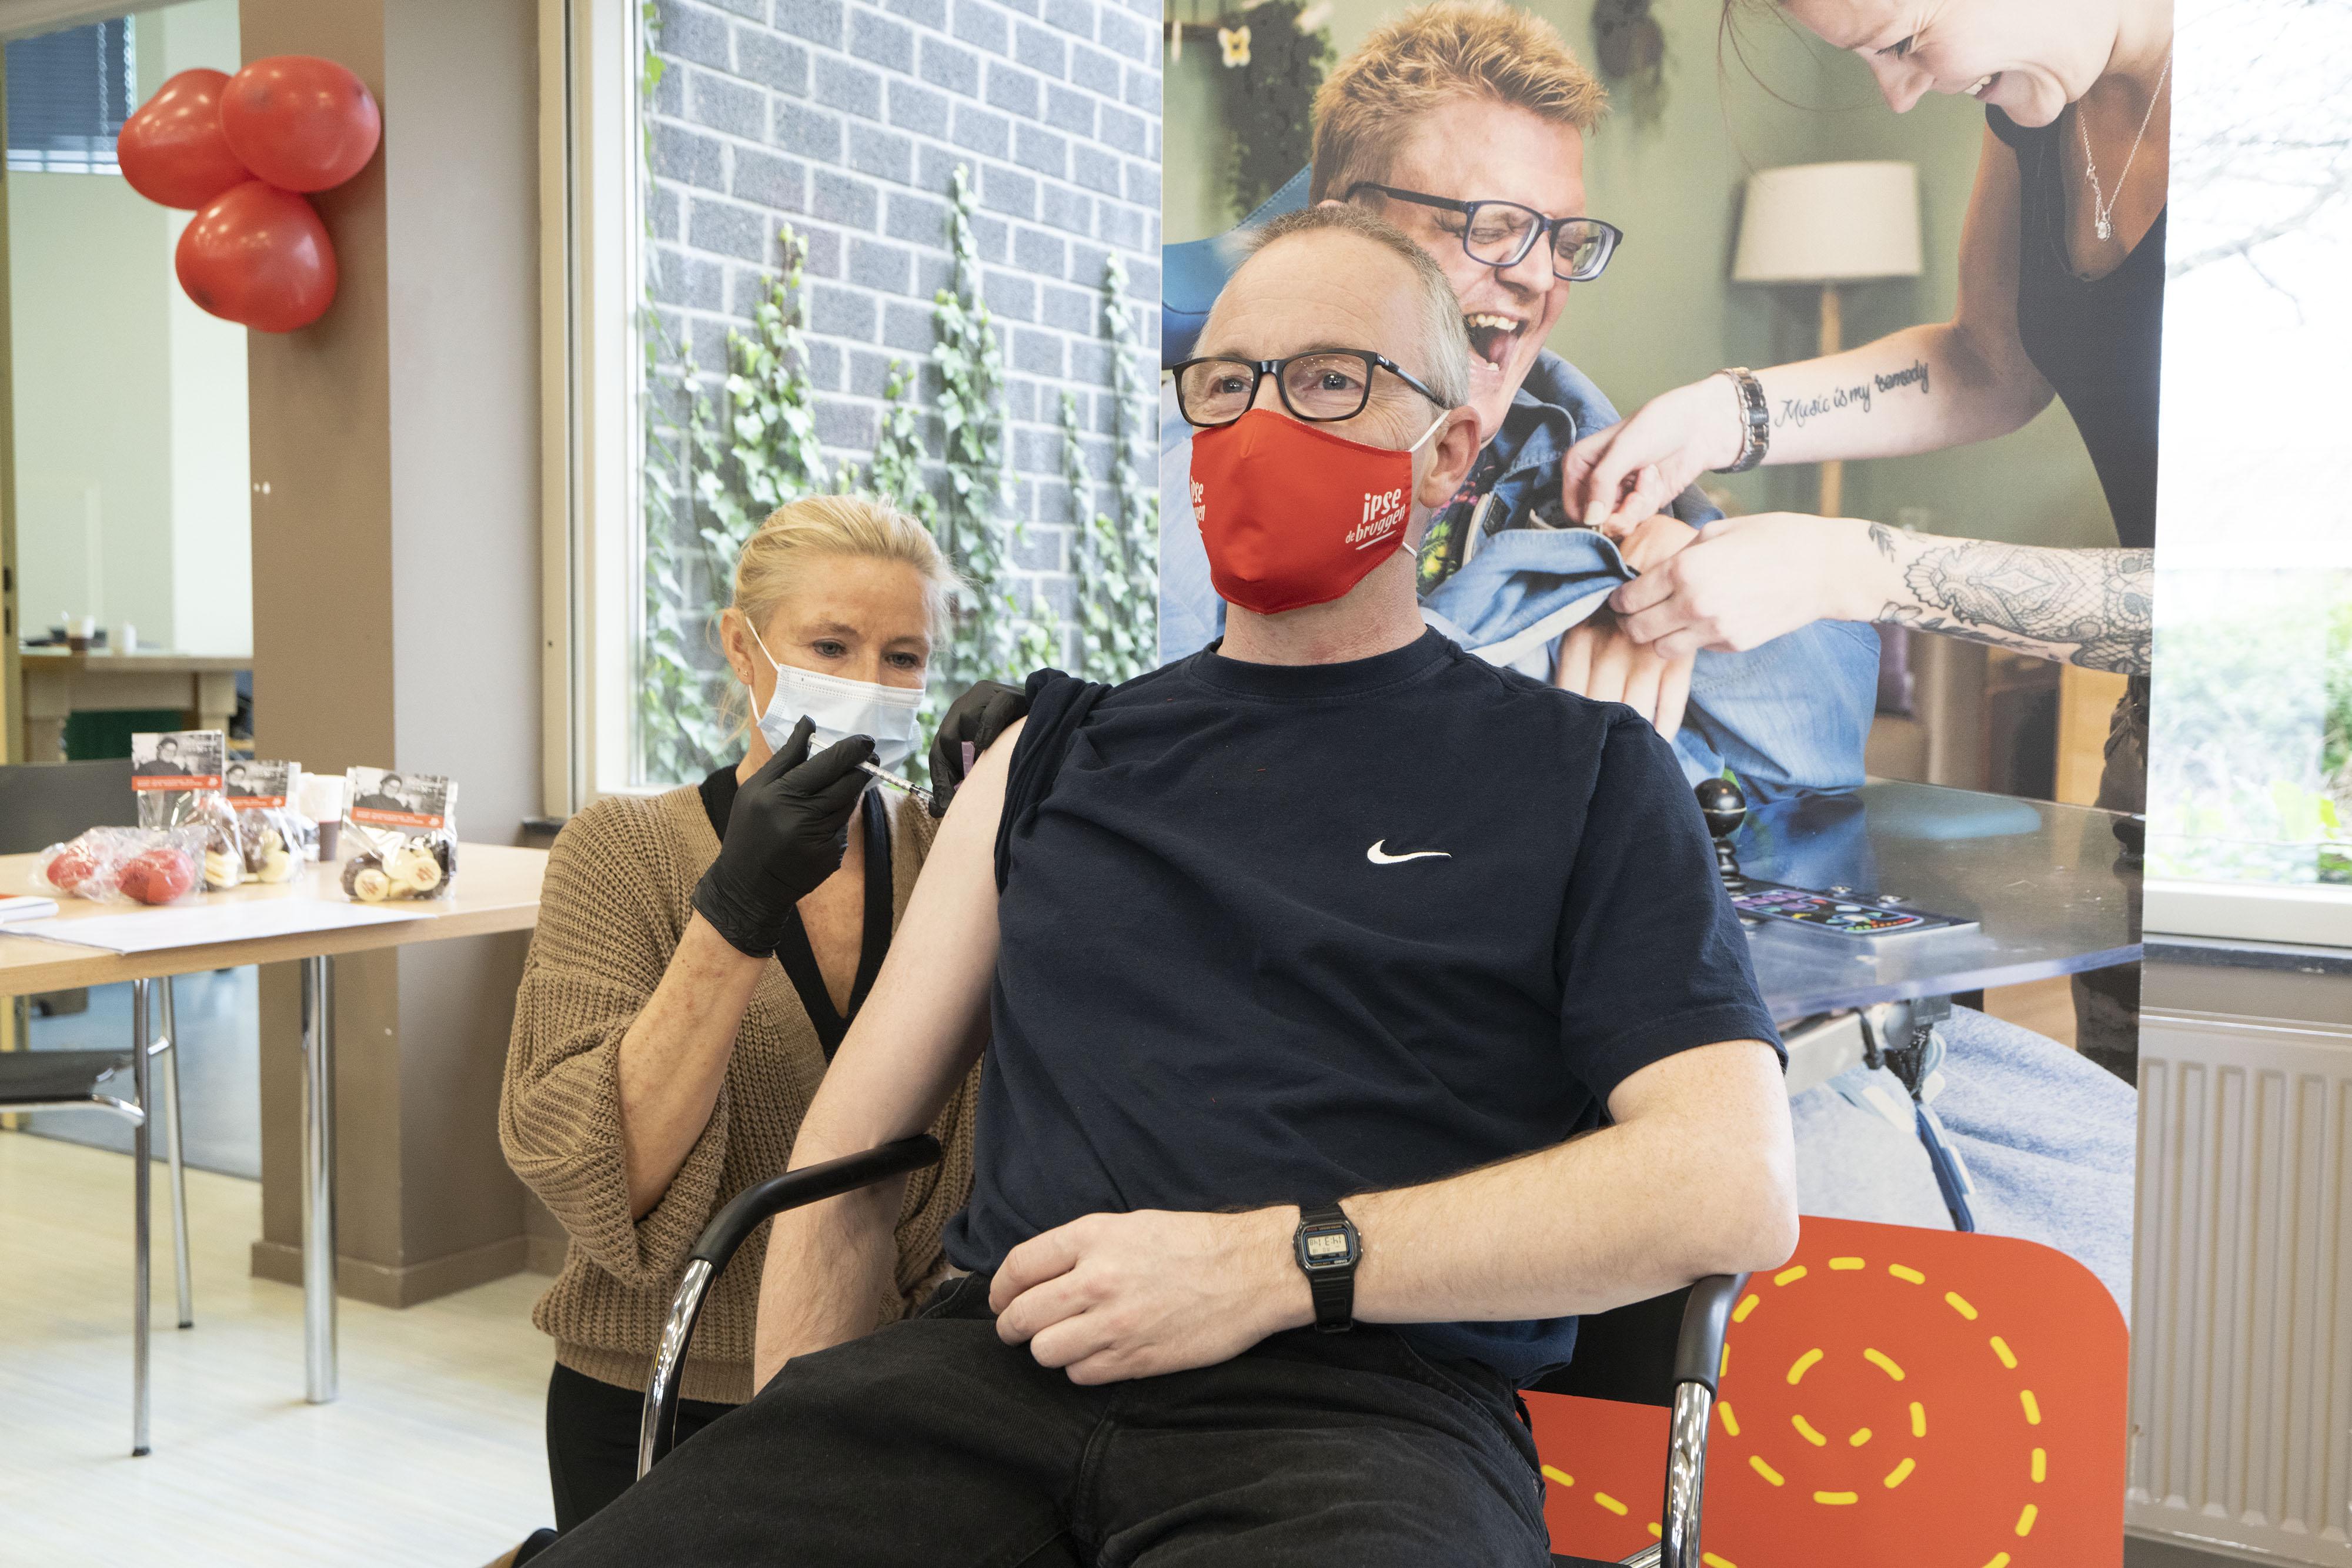 Eerste coronaprik voor verstandelijk gehandicapten Ipse de Bruggen: 'Wat ik doe als alles weer mag? Een kopje koffie drinken bij de Hema!' [video]